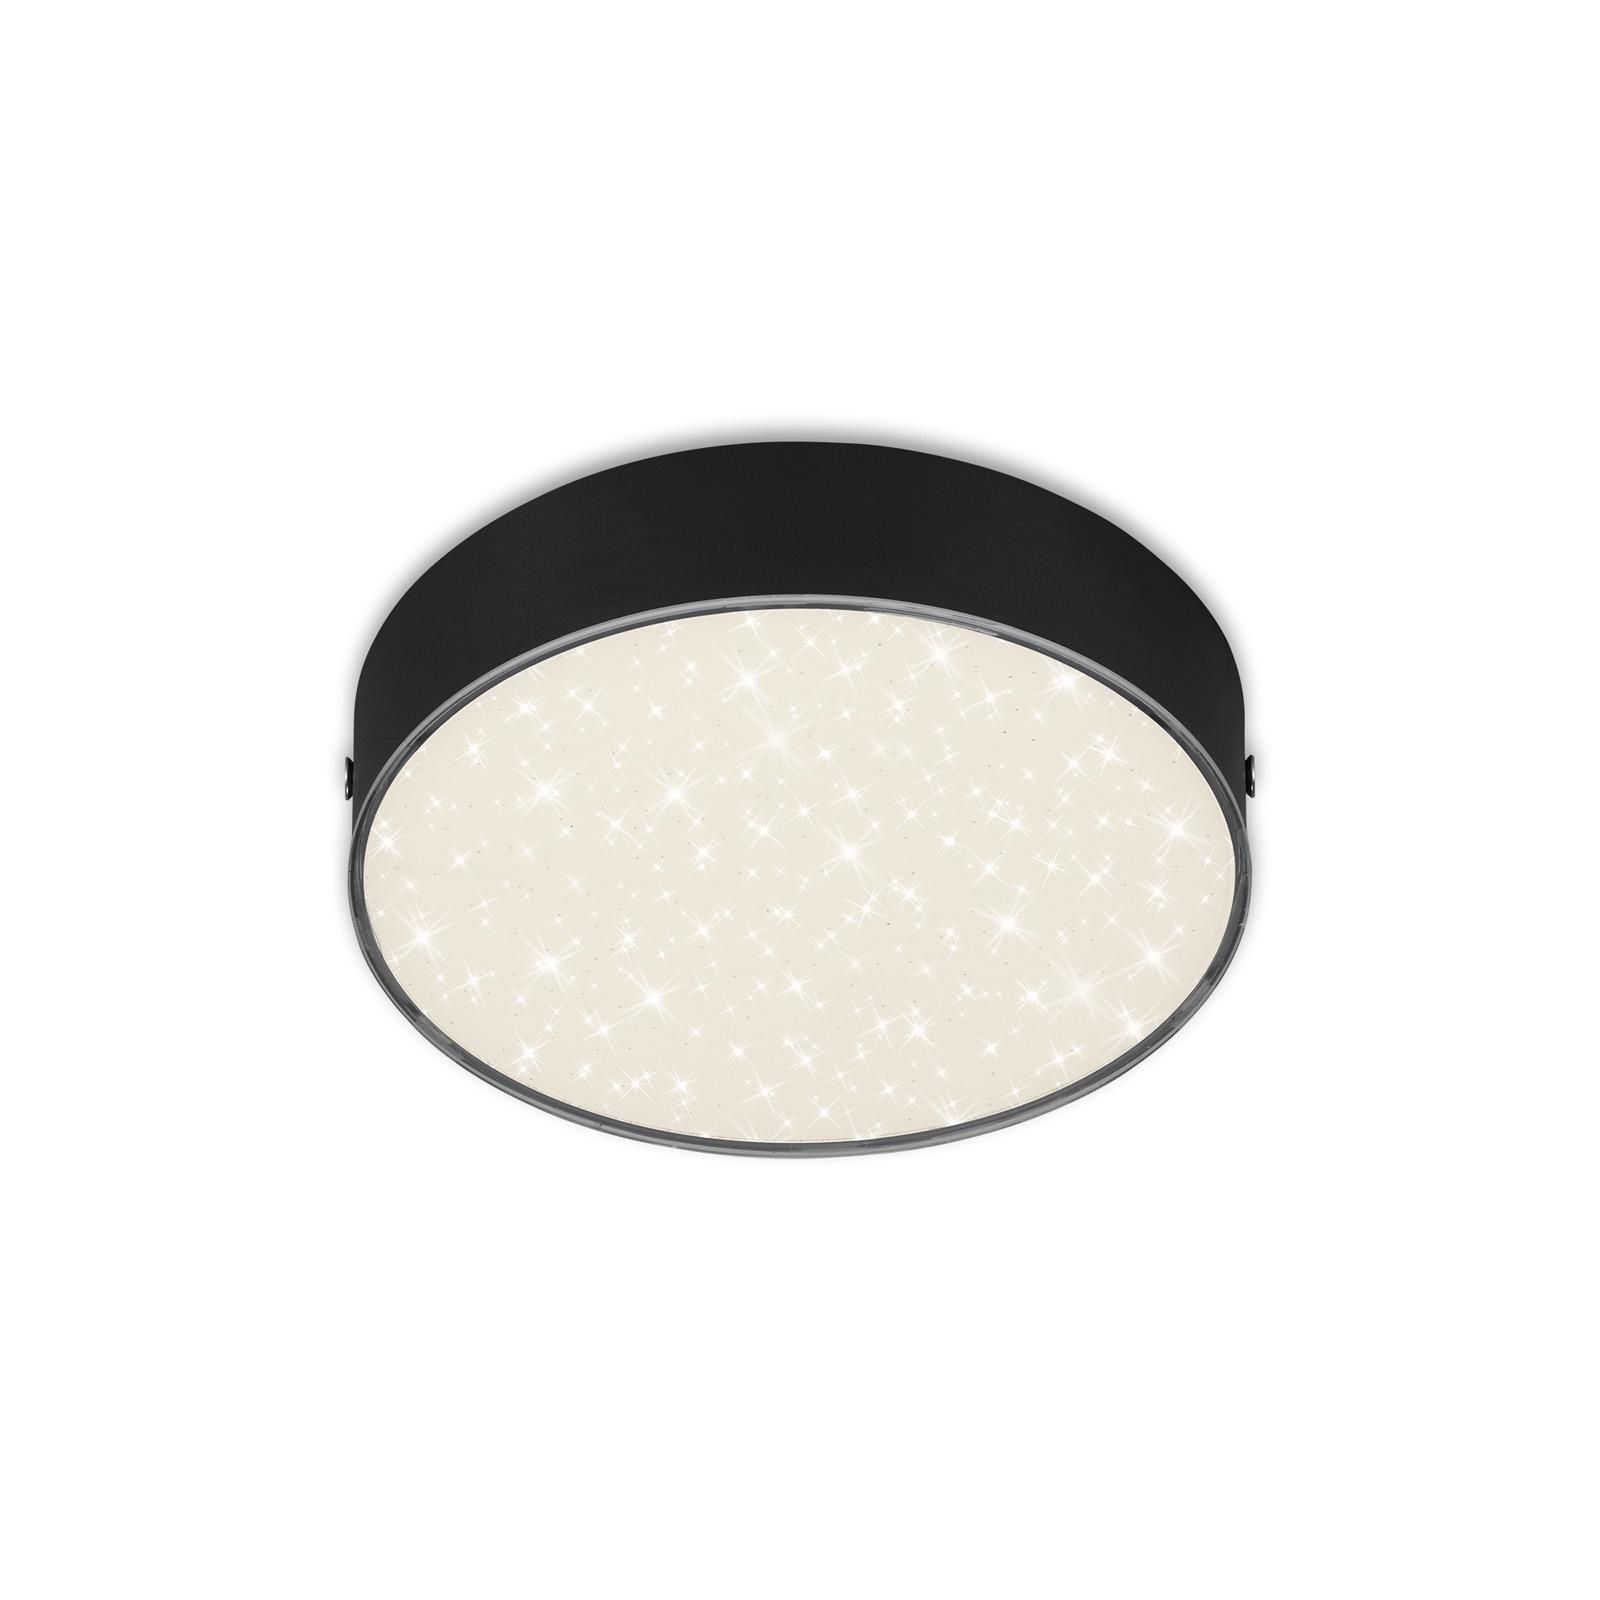 STERNENHIMMEL LED Deckenleuchte, Ø 15,7 cm, 11 W, Schwarz